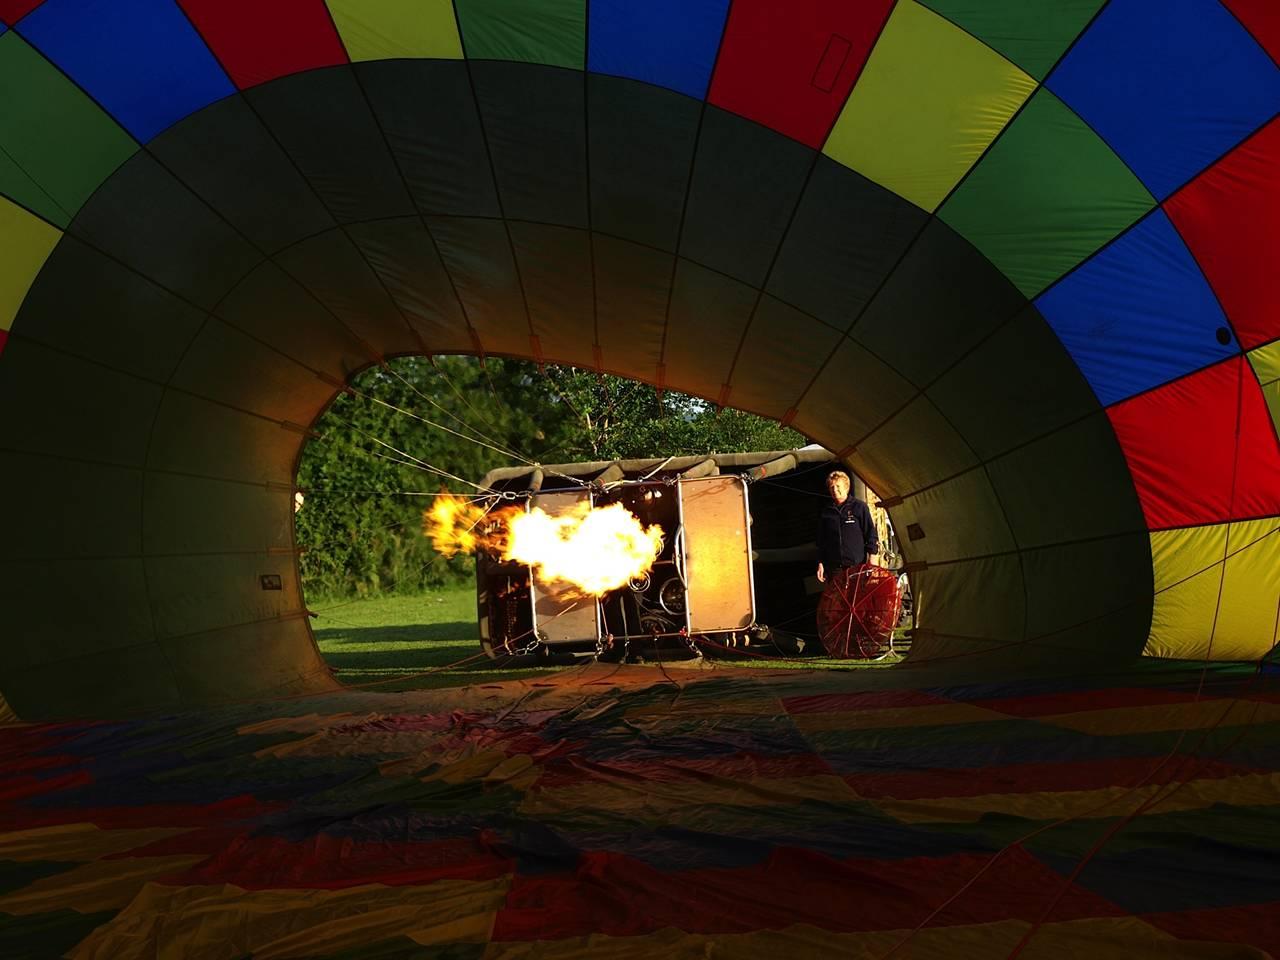 Tiverton Balloon festival